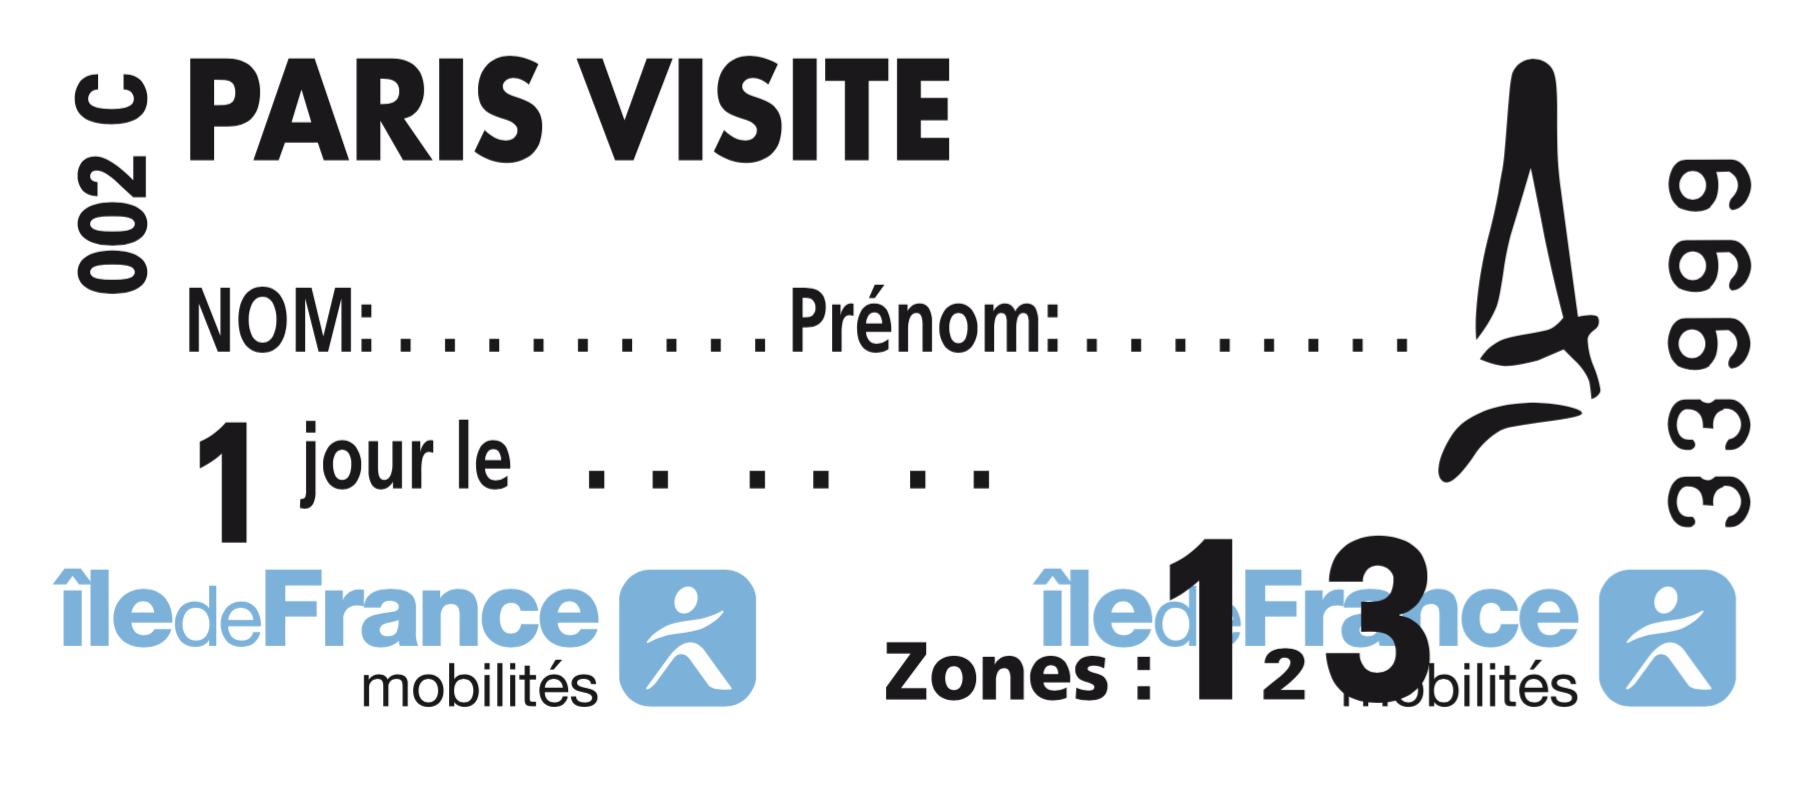 image Paris-Visite